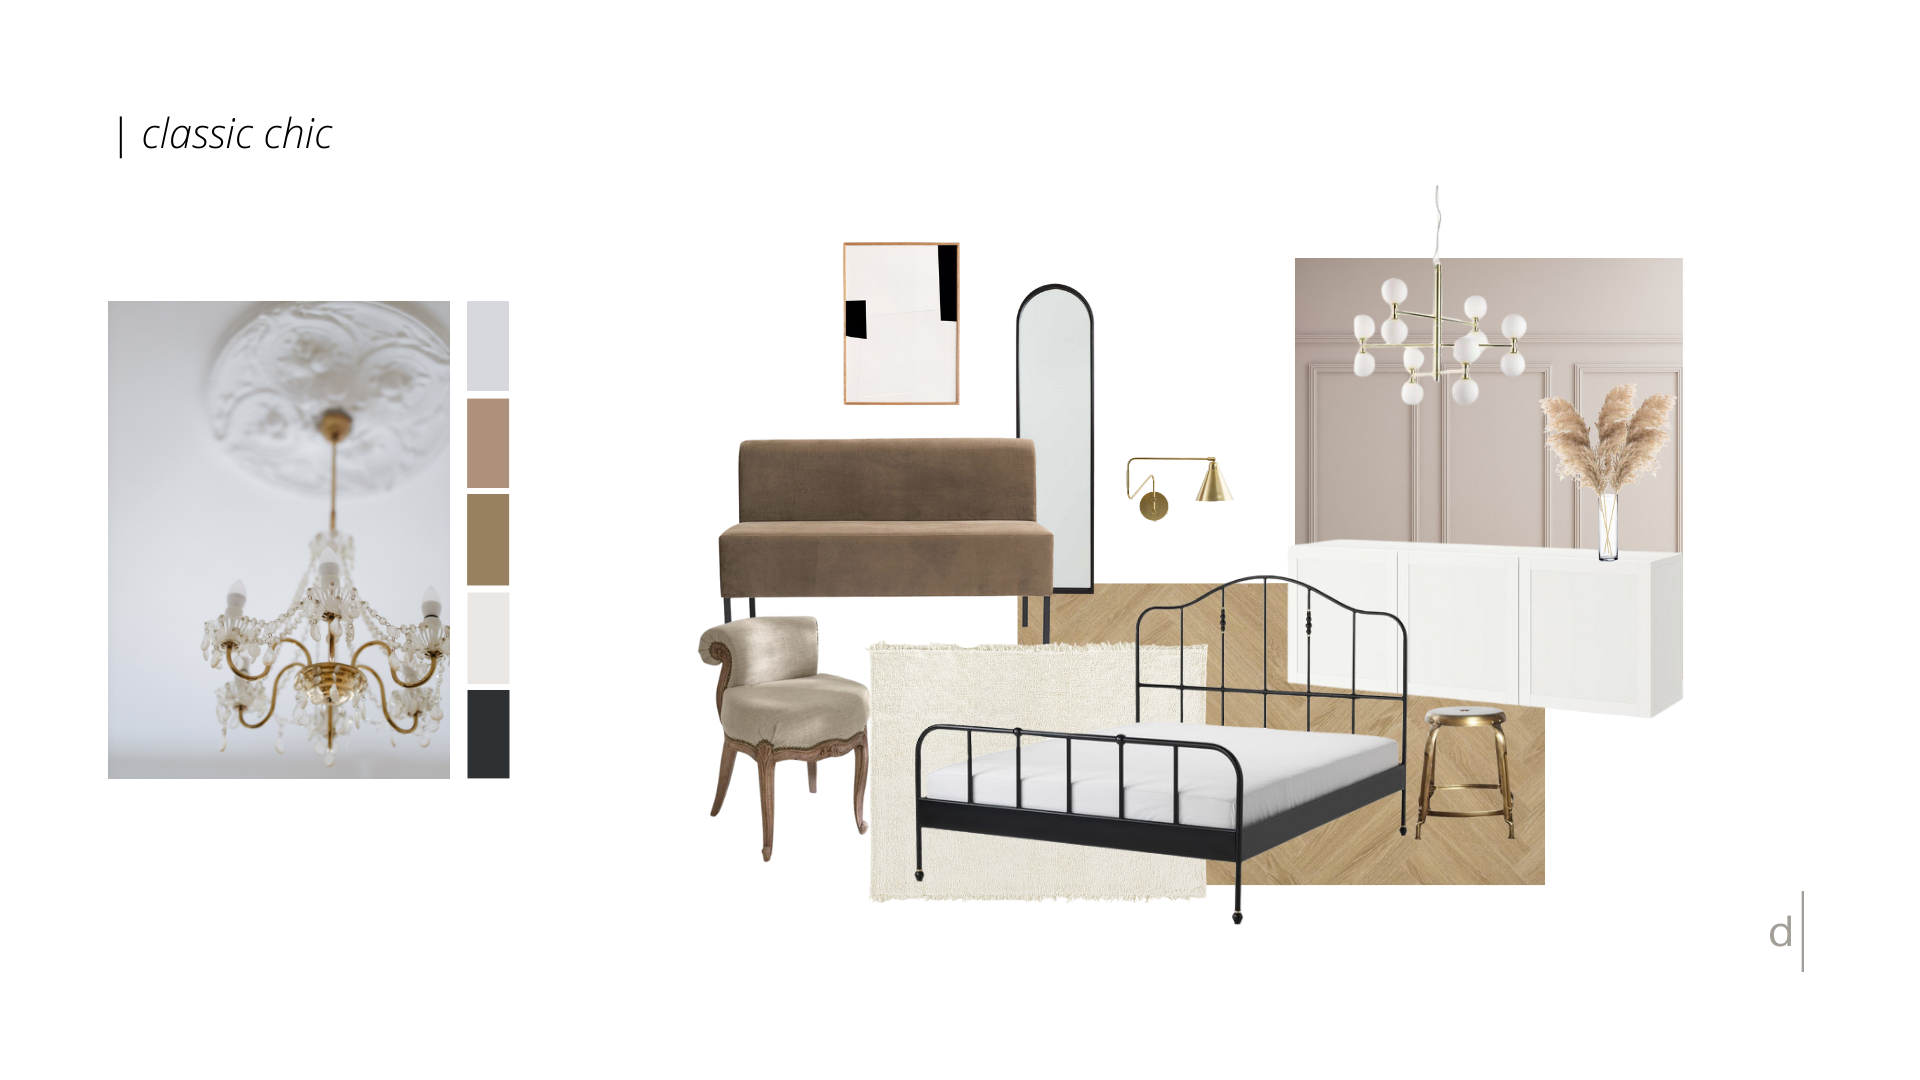 Klassische Elemente & ein Hauch Glamour aus vergangenen Zeiten: das ist die d.yond CLASSIC CHIC Stilwelt